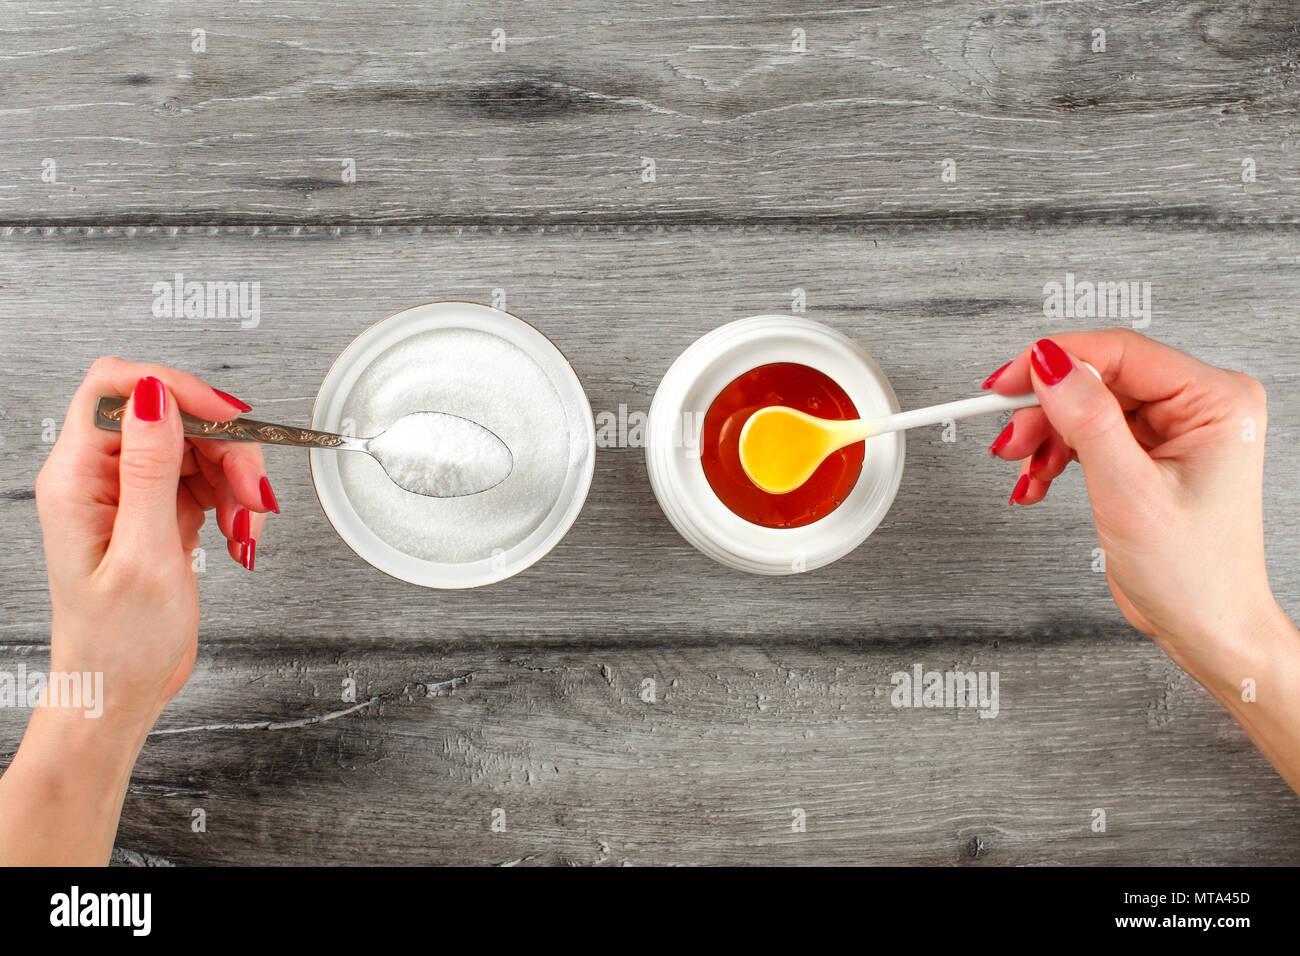 Vista dall'alto sul giovane donna mani con unghie rosse, tenendo cucchiaio colmo di zucchero e miele in altra parte. Zucchero miele vs concetto. Immagini Stock